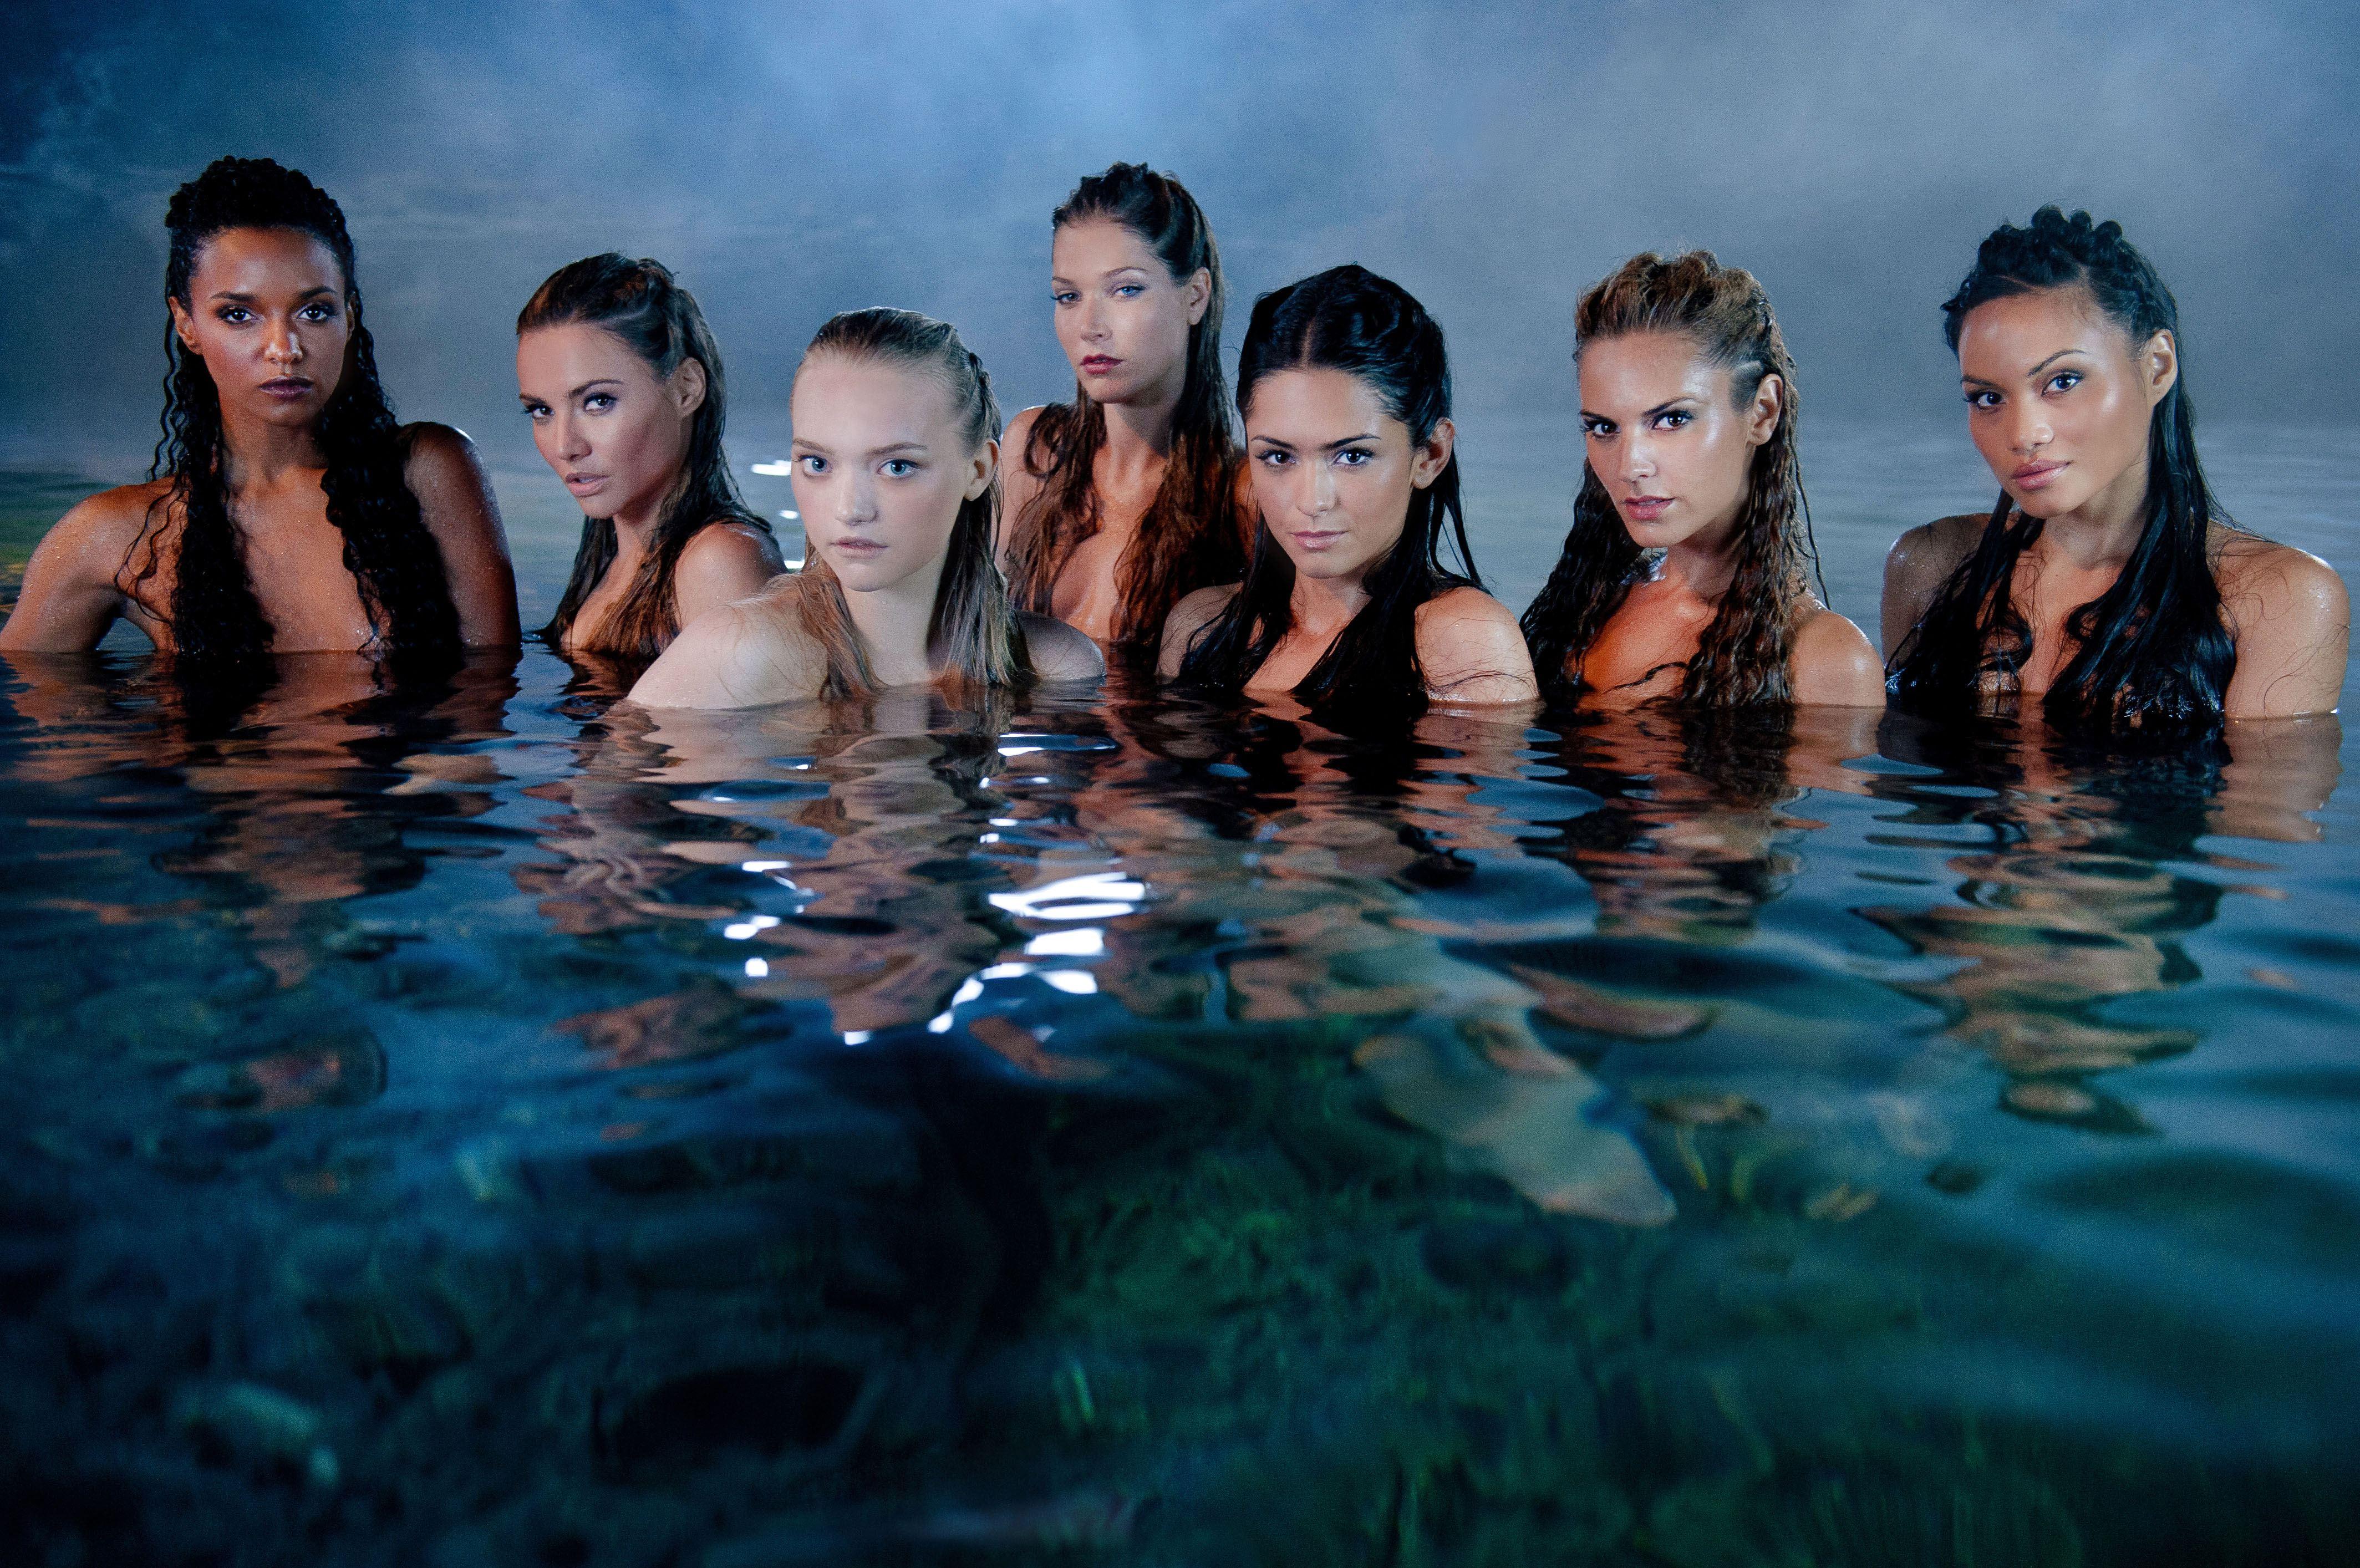 смотреть девушка из воды онлайн бесплатно в хорошем качестве: